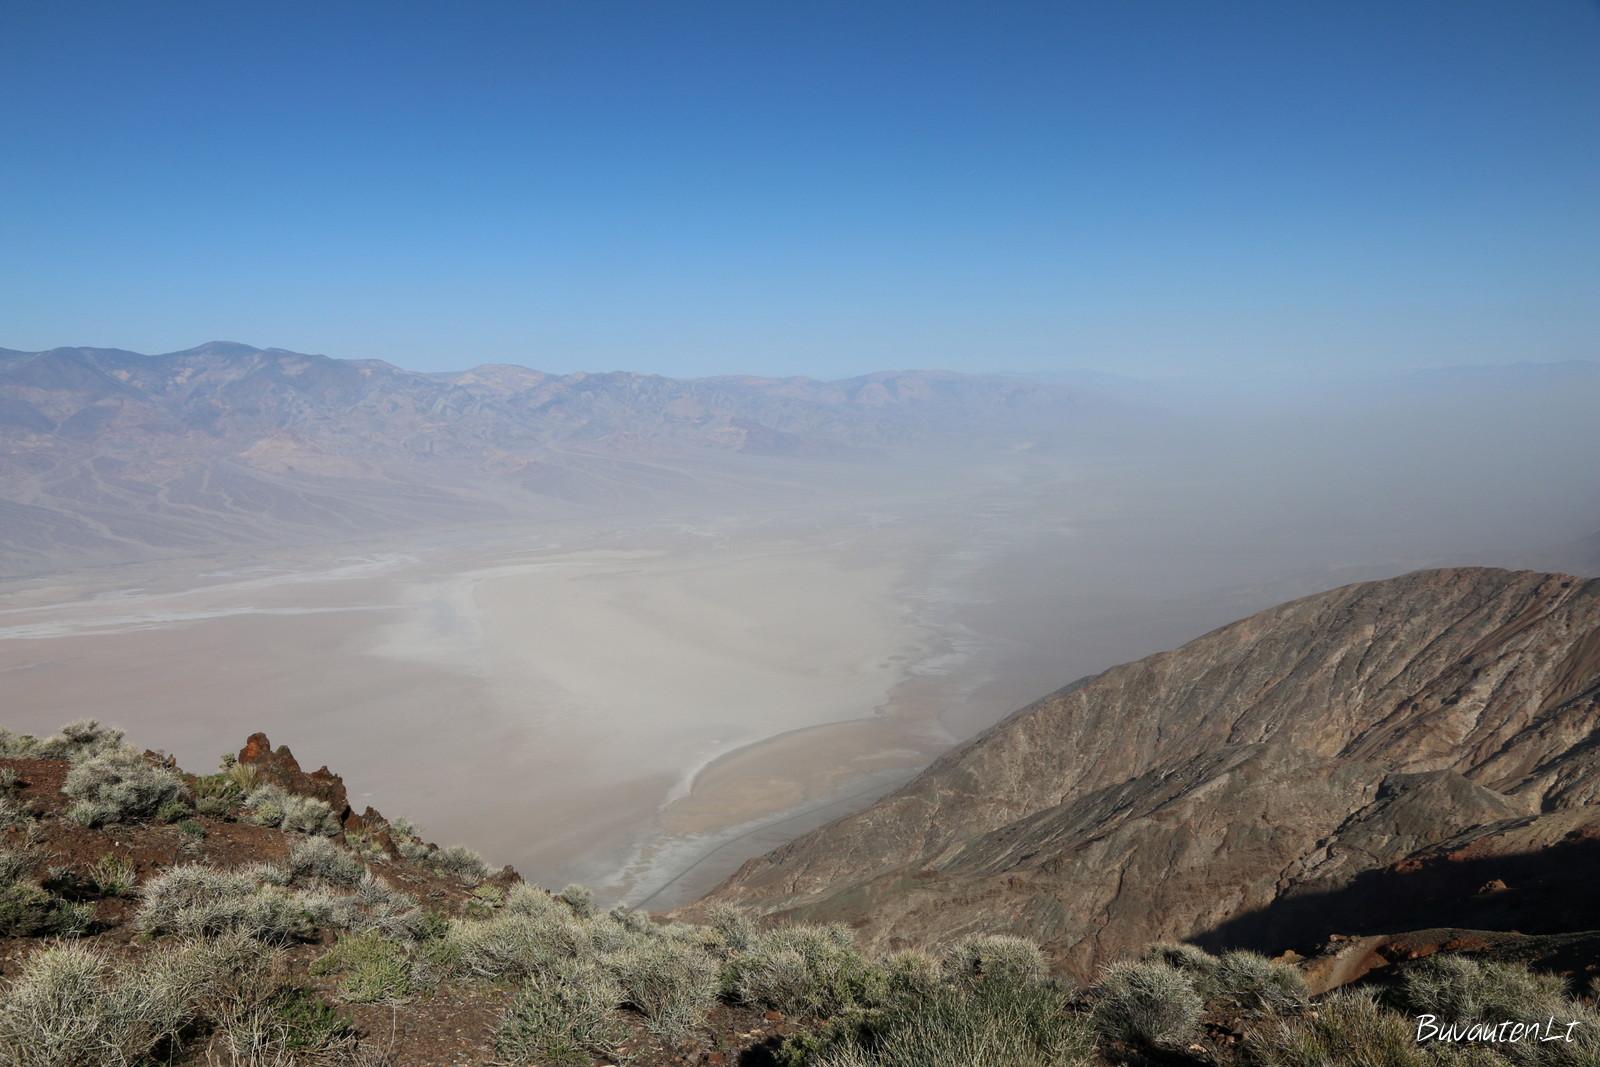 Vaizdas į Badwater Basin iš aukštai